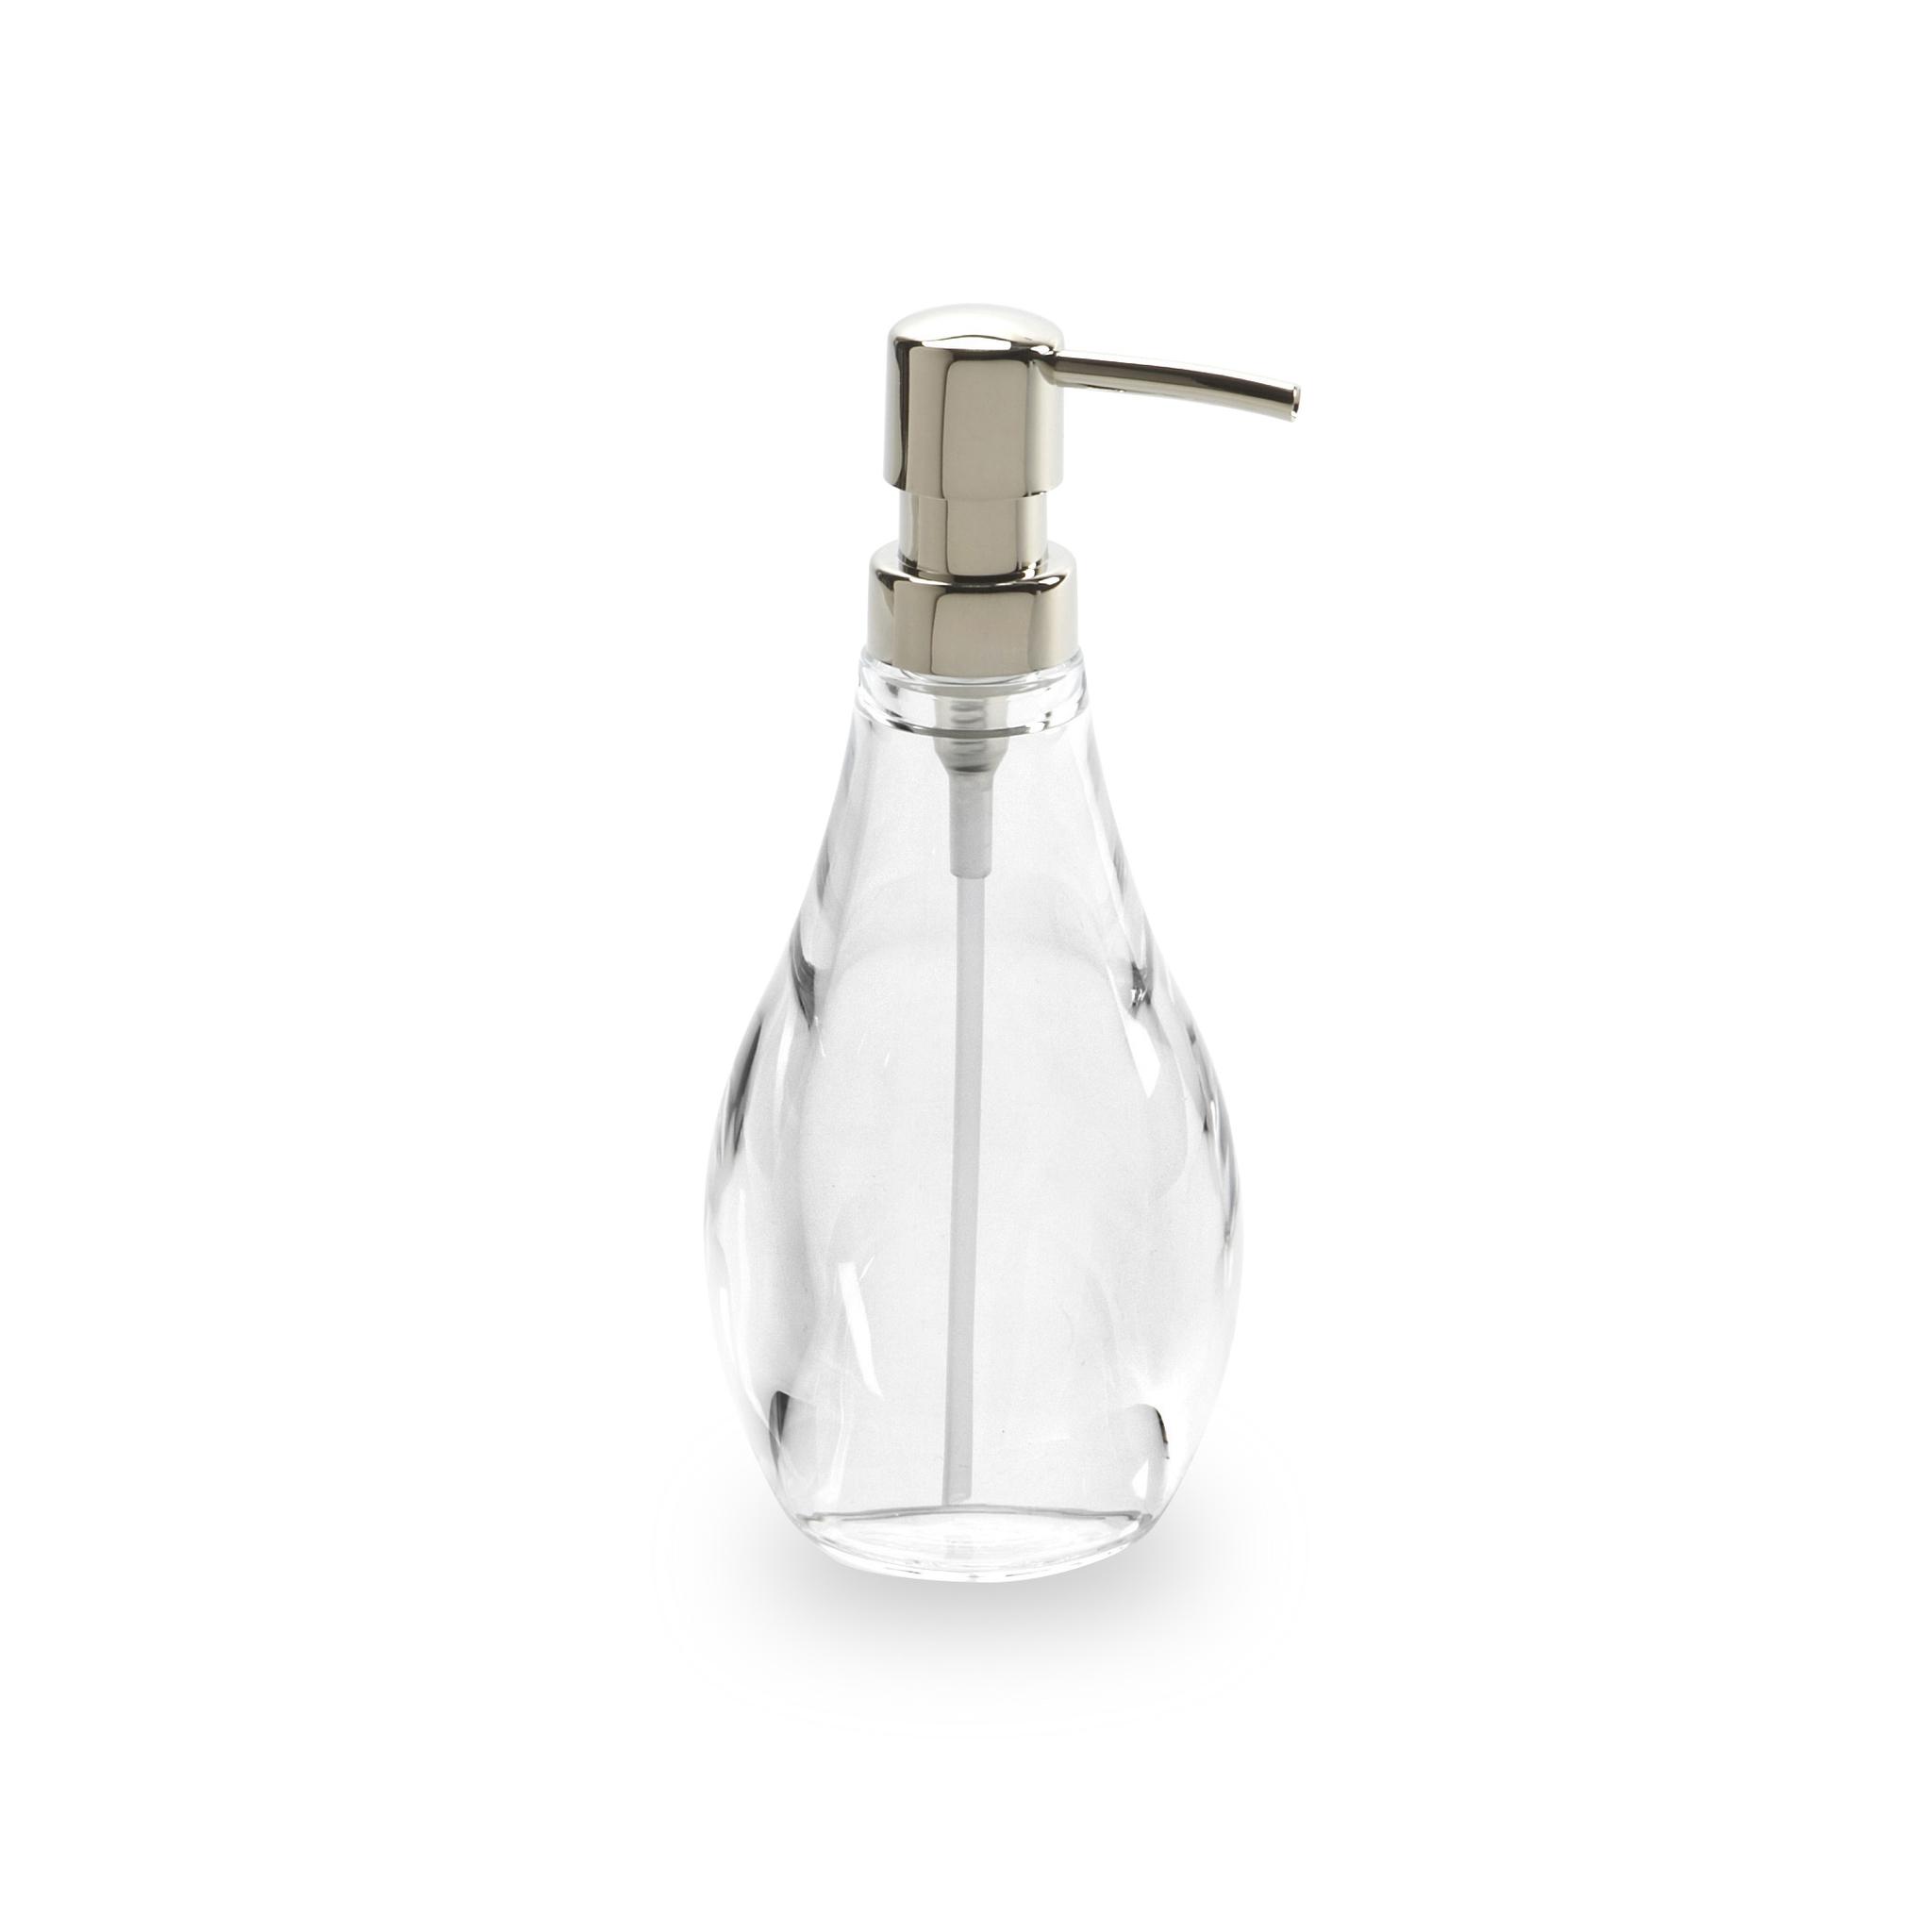 Диспенсер для жидкого мыла Umbra droplet прозрачный 020163-165Диспенсеры<br>Диспенсер для жидкого мыла Umbra droplet прозрачный 020163-165<br><br>Мыло душистое, полотенце пушистое - если мыть руки, то с этим слоганом. Потому что приятно пахнущее мыло, например, ванильное или земляничное, поднимает настроение. А если оно внутри красивого диспенсера, который поможет отмерить нужное количество, это вдвойне приятно. Те, кто покупает жидкое мыло, знают, что очень часто оно продается в некрасивых упаковках или очень больших бутылках, которые совершенно неудобно ставить на раковину. Проблема решена вот с таким лаконичным симпатичным диспенсером. Теперь вы не забудете вымыть руки перед едой! А благодаря прозрачным стенкам, всегда видно, когда стоит пополнить резервуар. p.s. Важная подсказка: диспенсер также можно использовать на кухне для моющего средства, получается очень экономно.<br>Официальный продавец<br>